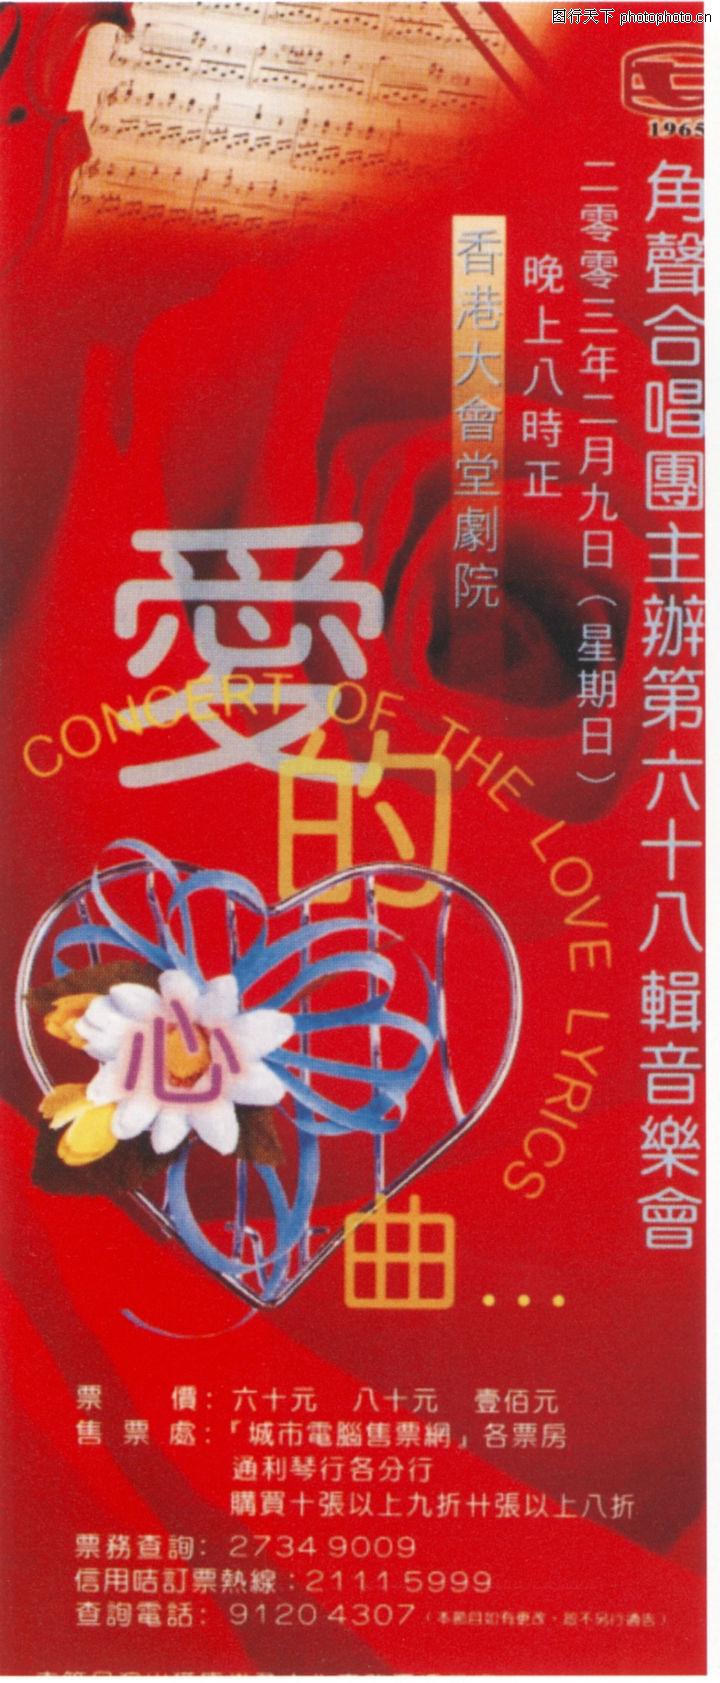 香港节目单,招贴画设计,香港节目单0143